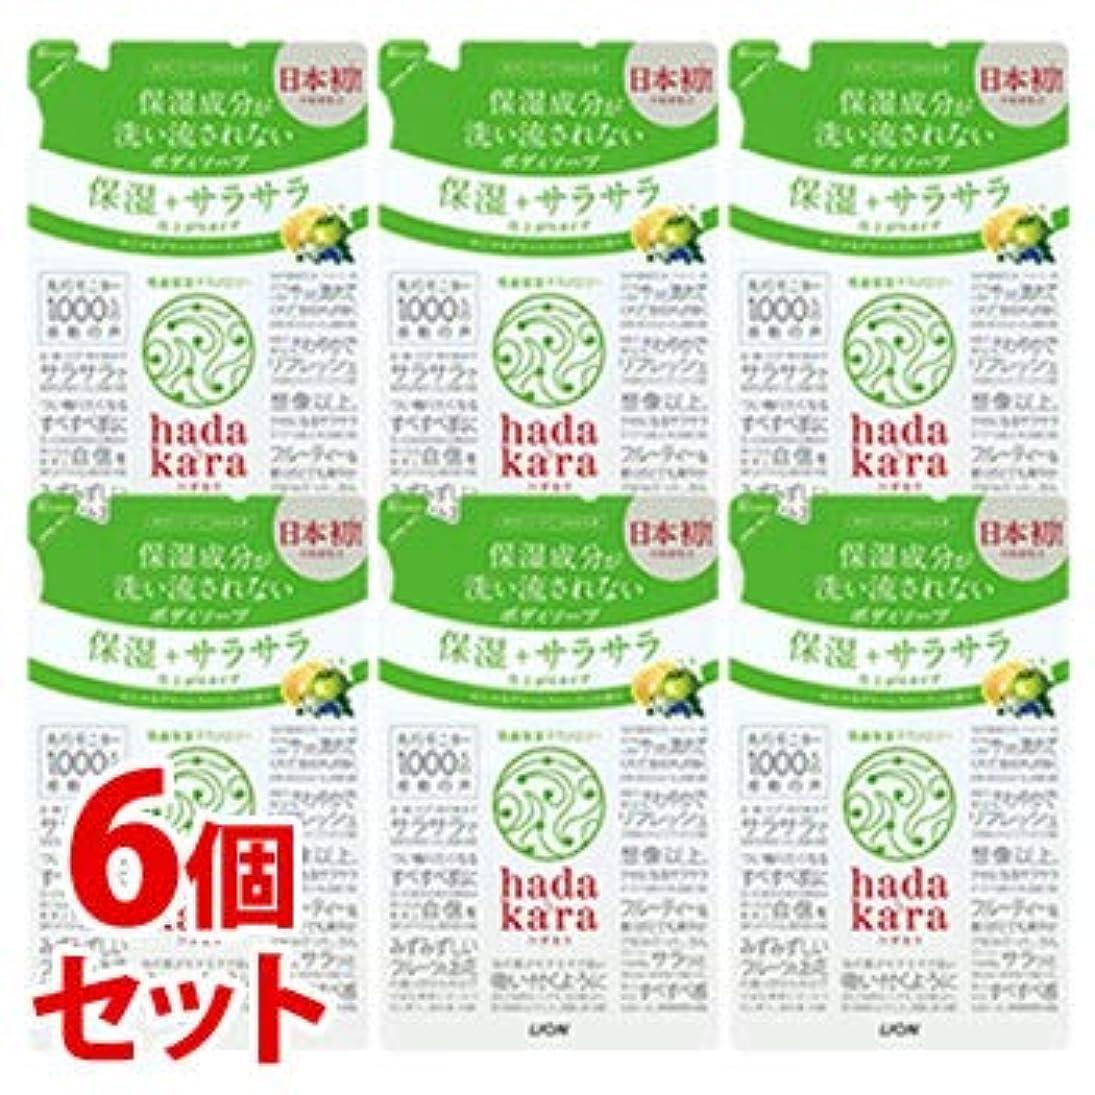 滑りやすい伝記ベギン《セット販売》 ライオン ハダカラ hadakara ボディソープ 保湿+サラサラ仕上がりタイプ グリーンフルーティの香り つめかえ用 (340mL)×6個セット 詰め替え用